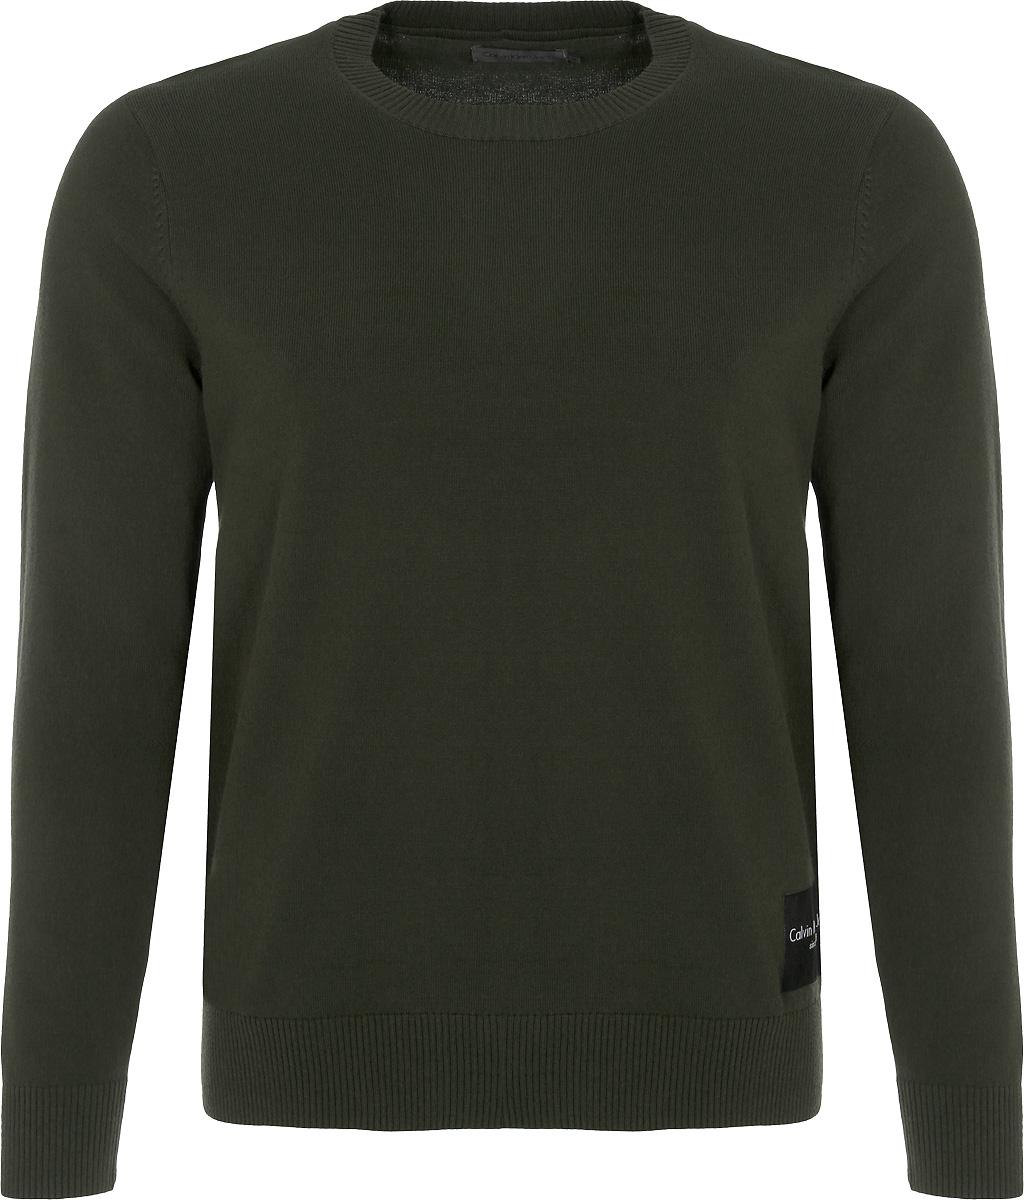 Джемпер мужской Calvin Klein Jeans, цвет: зеленый. J30J307324_3710. Размер XXL (52/54) джемпер мужской calvin klein jeans цвет черный j30j306946 0990 размер xxl 52 54